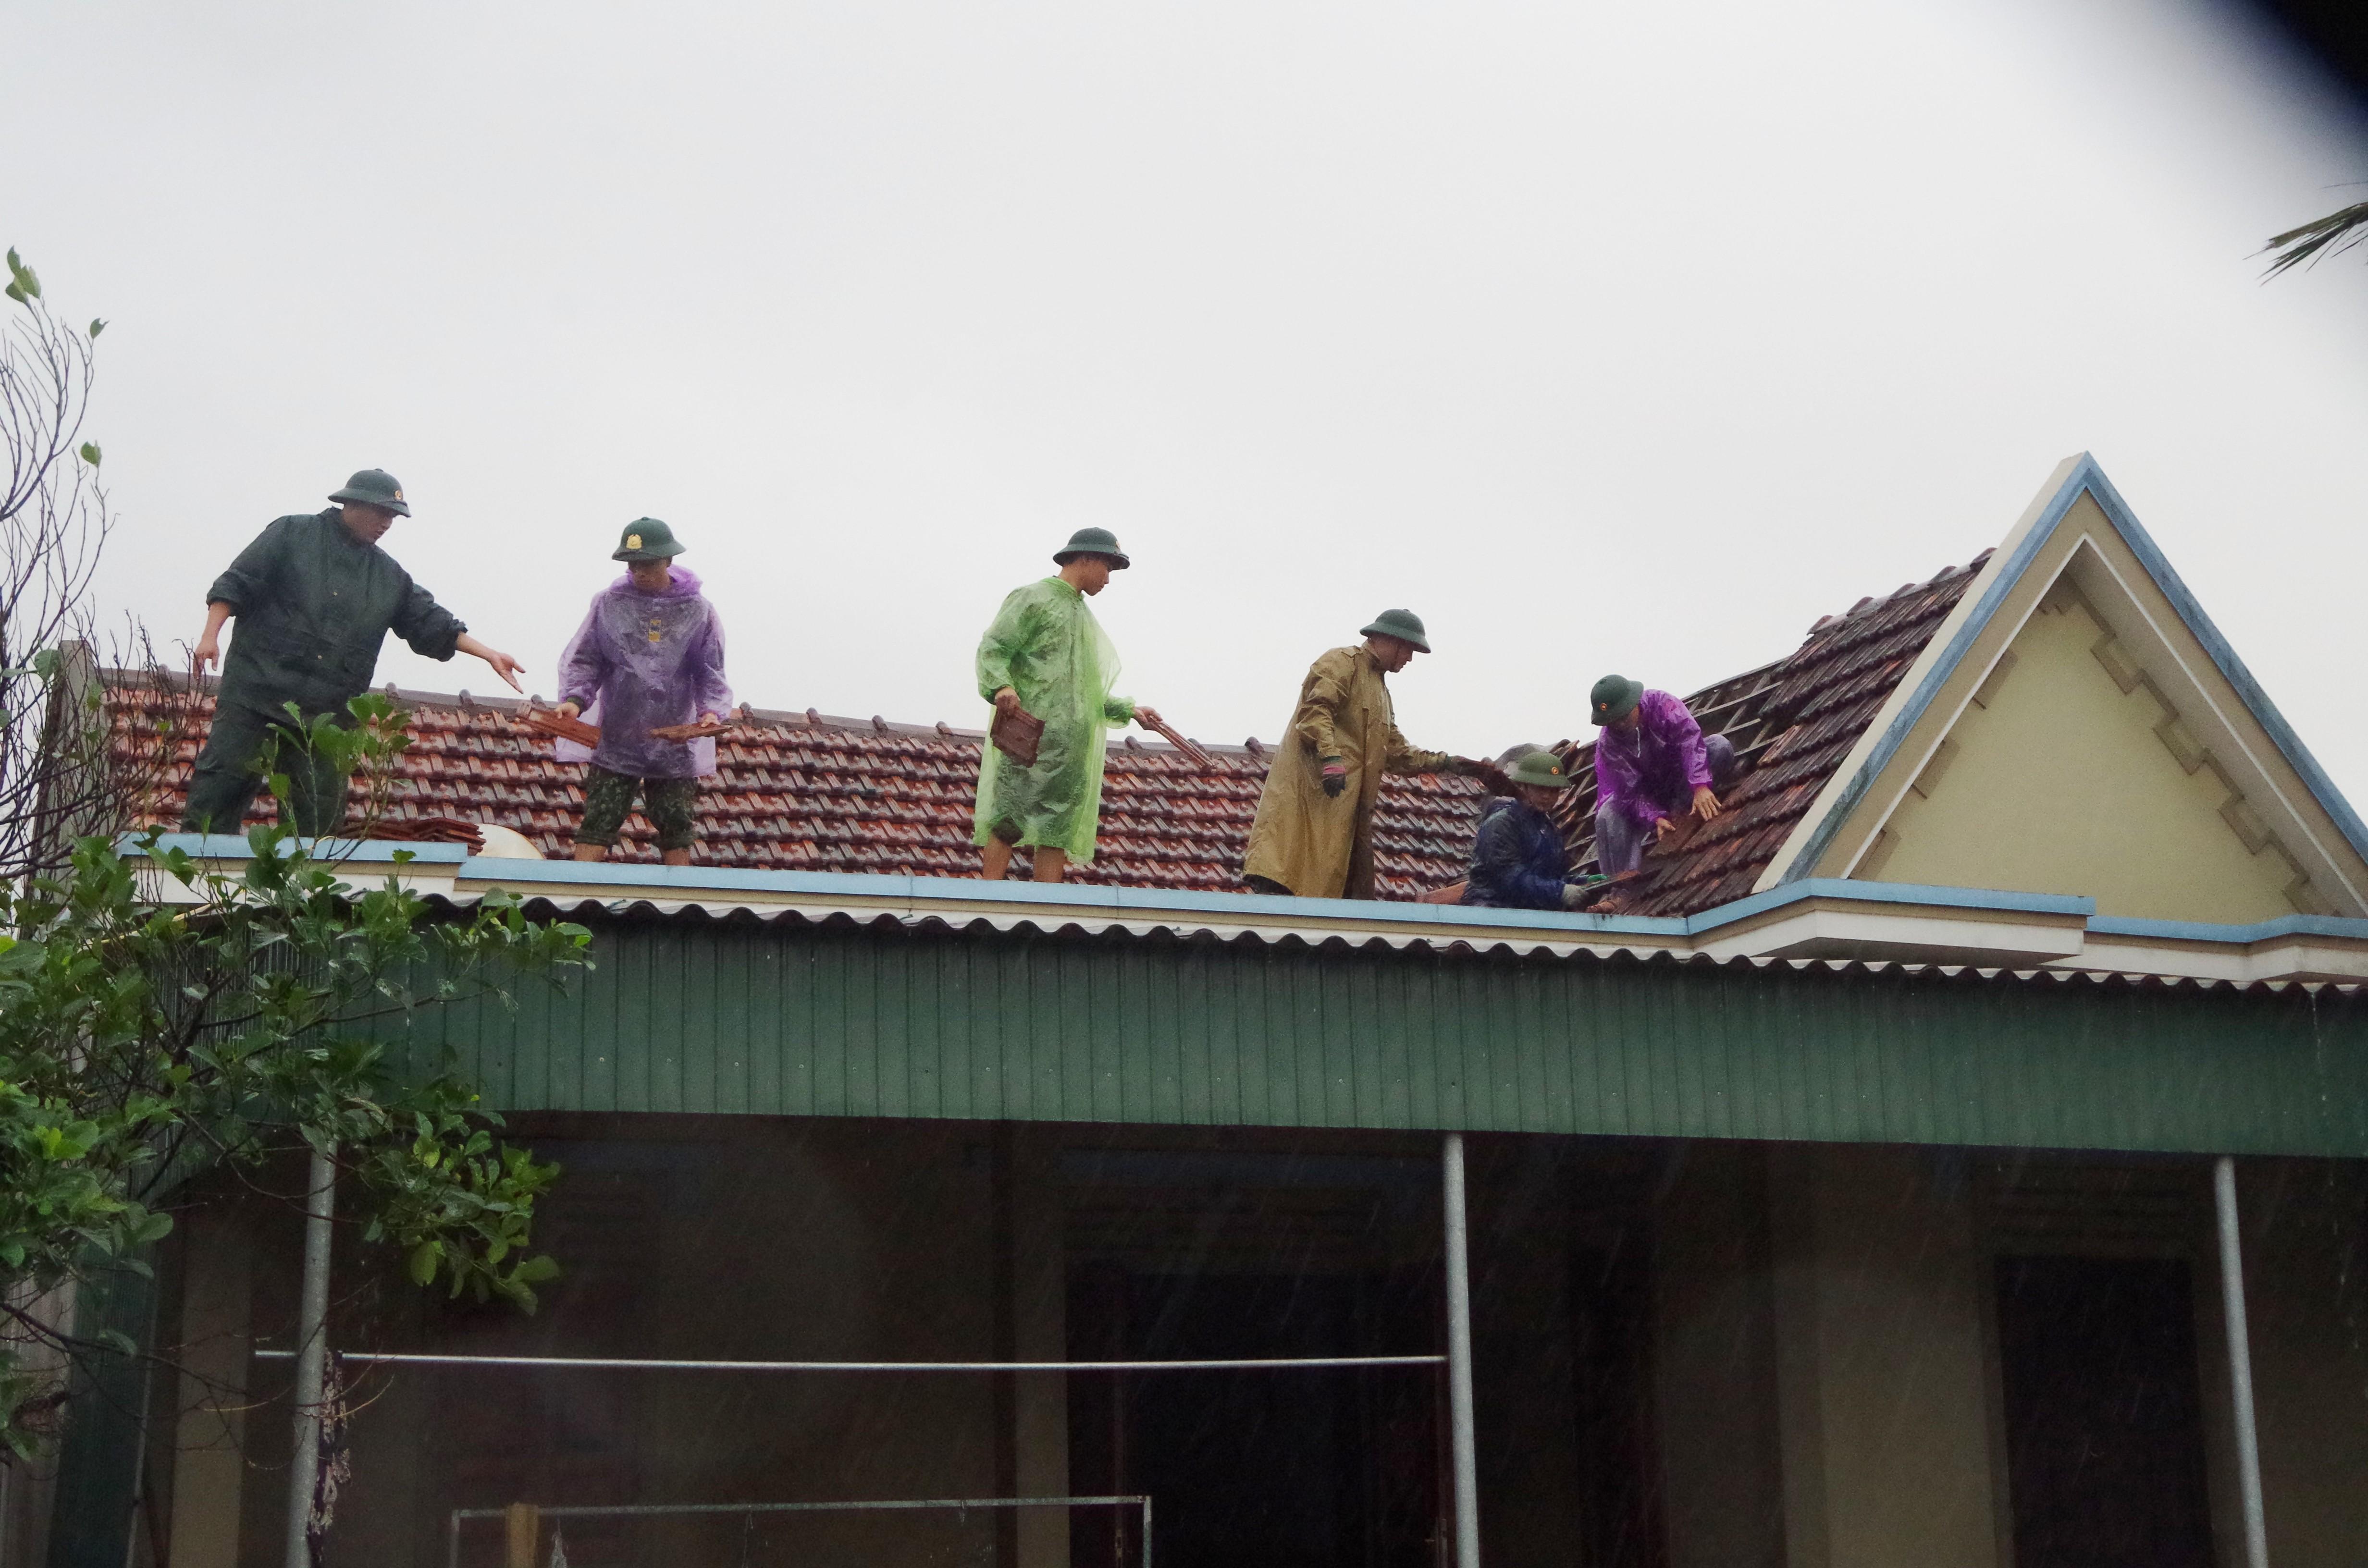 Ở xã Đan Trường (huyện Nghi Xuân) cũng bay 19 mái nhà.